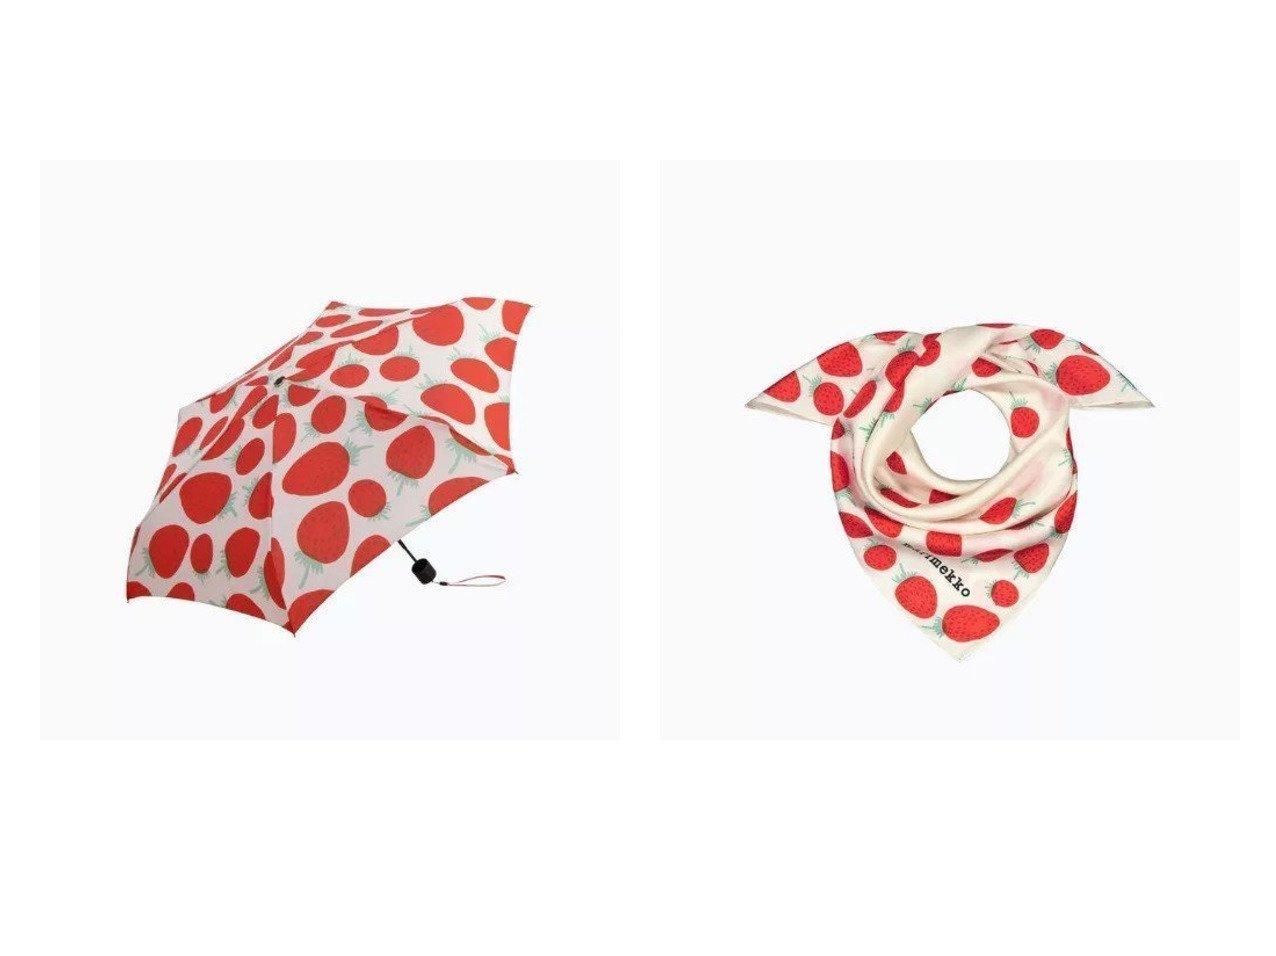 【marimekko/マリメッコ】のMini Manual Mansikka 折りたたみ傘&Josina Mansikka スカーフ おすすめ!人気トレンド・レディースファッション通販 おすすめで人気の流行・トレンド、ファッションの通販商品 インテリア・家具・メンズファッション・キッズファッション・レディースファッション・服の通販 founy(ファニー) https://founy.com/ ファッション Fashion レディースファッション WOMEN ストール Scarves マフラー Mufflers 傘 / レイングッズ Umbrellas/Rainwear シルク スカーフ スクエア ストール プリント マフラー ポーチ ラップ 傘 |ID:crp329100000046035